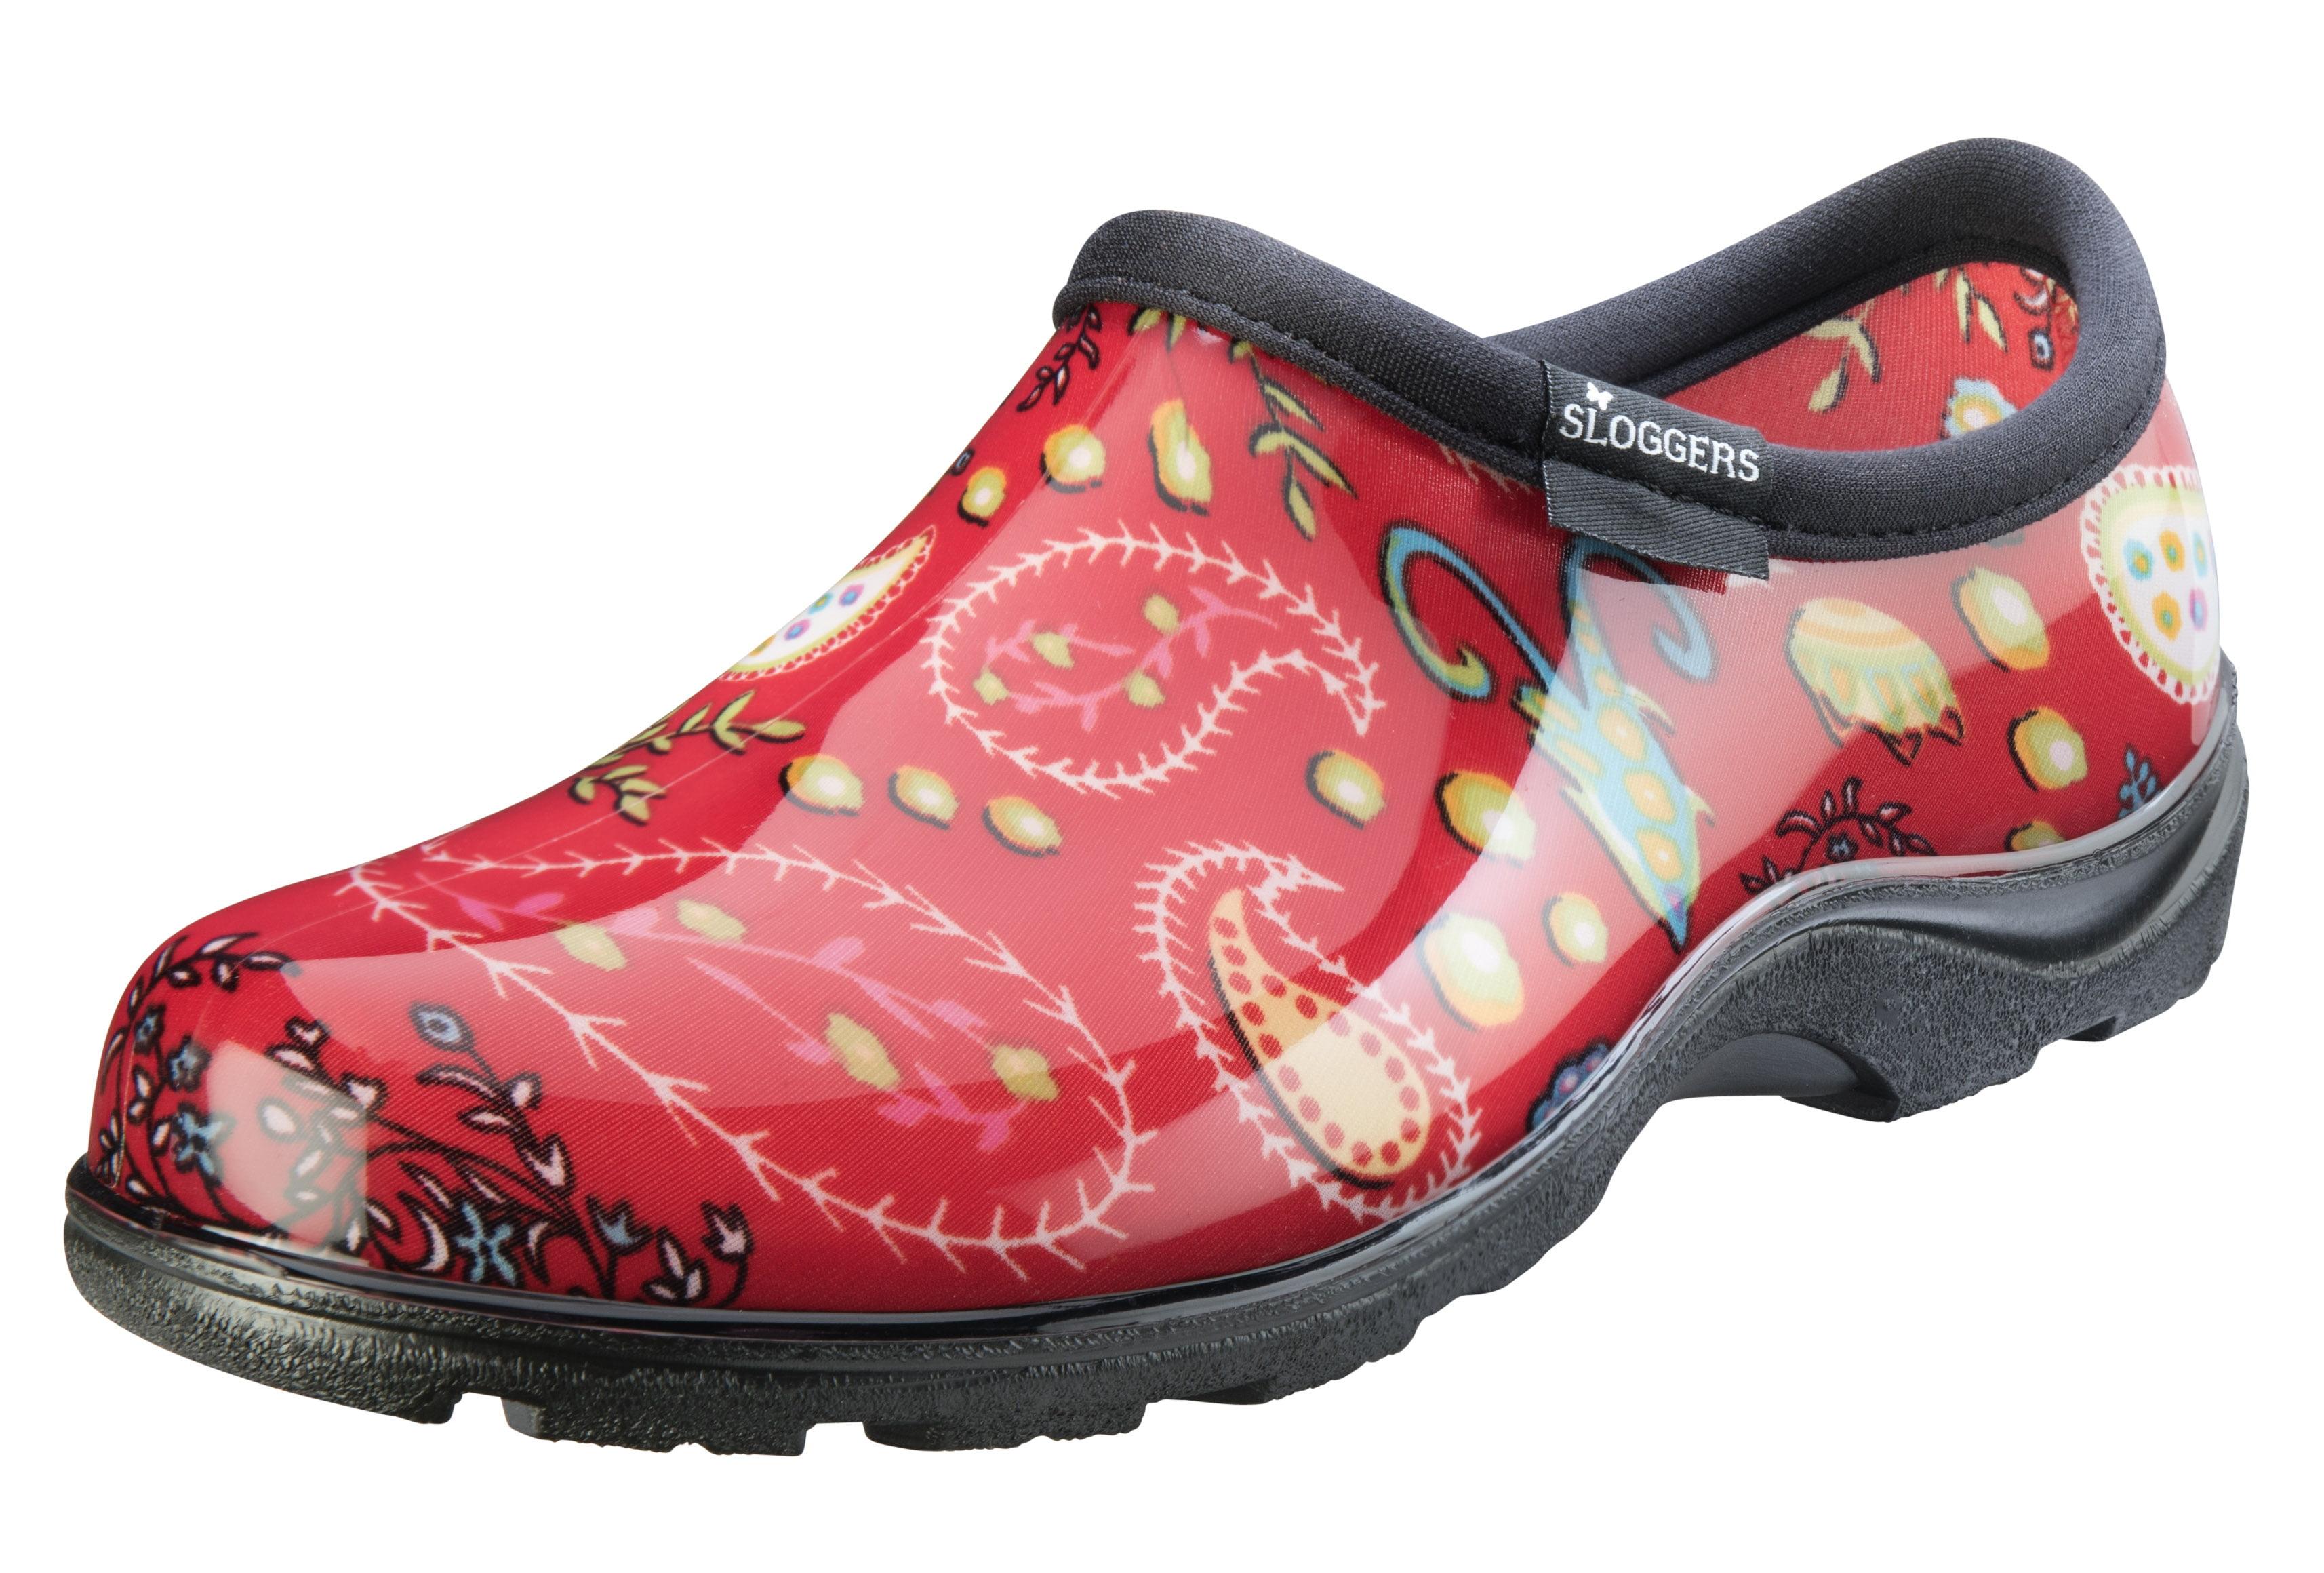 Sloggers Women's Waterproof Rain Shoes